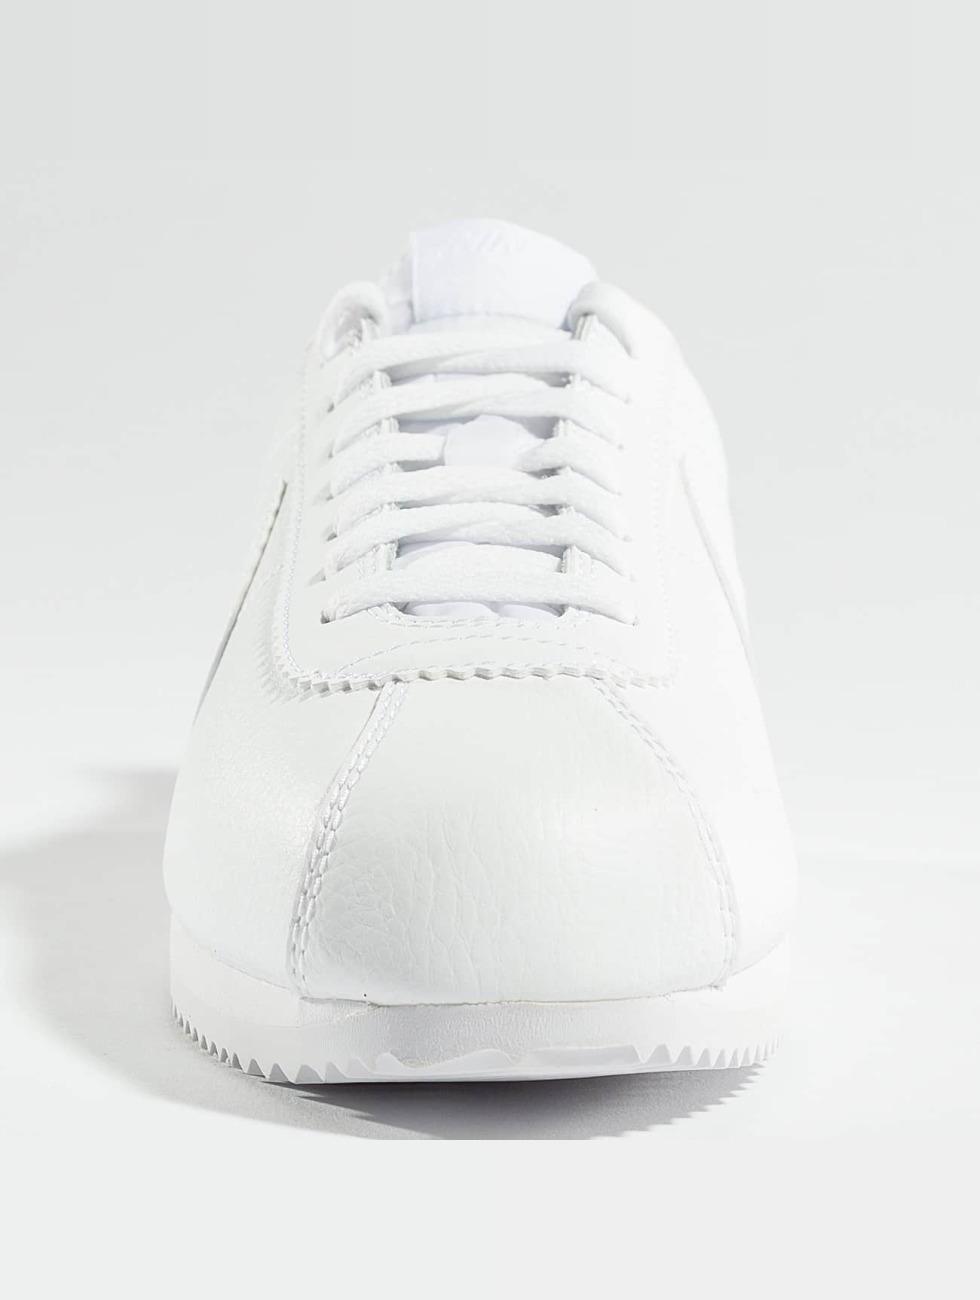 Vente Pas Cher De La France Acheter Paiement Visa Pas Cher Nike Schoen / Baskets En Cuir Classique Cortez Esprit 422015 gHuuPg